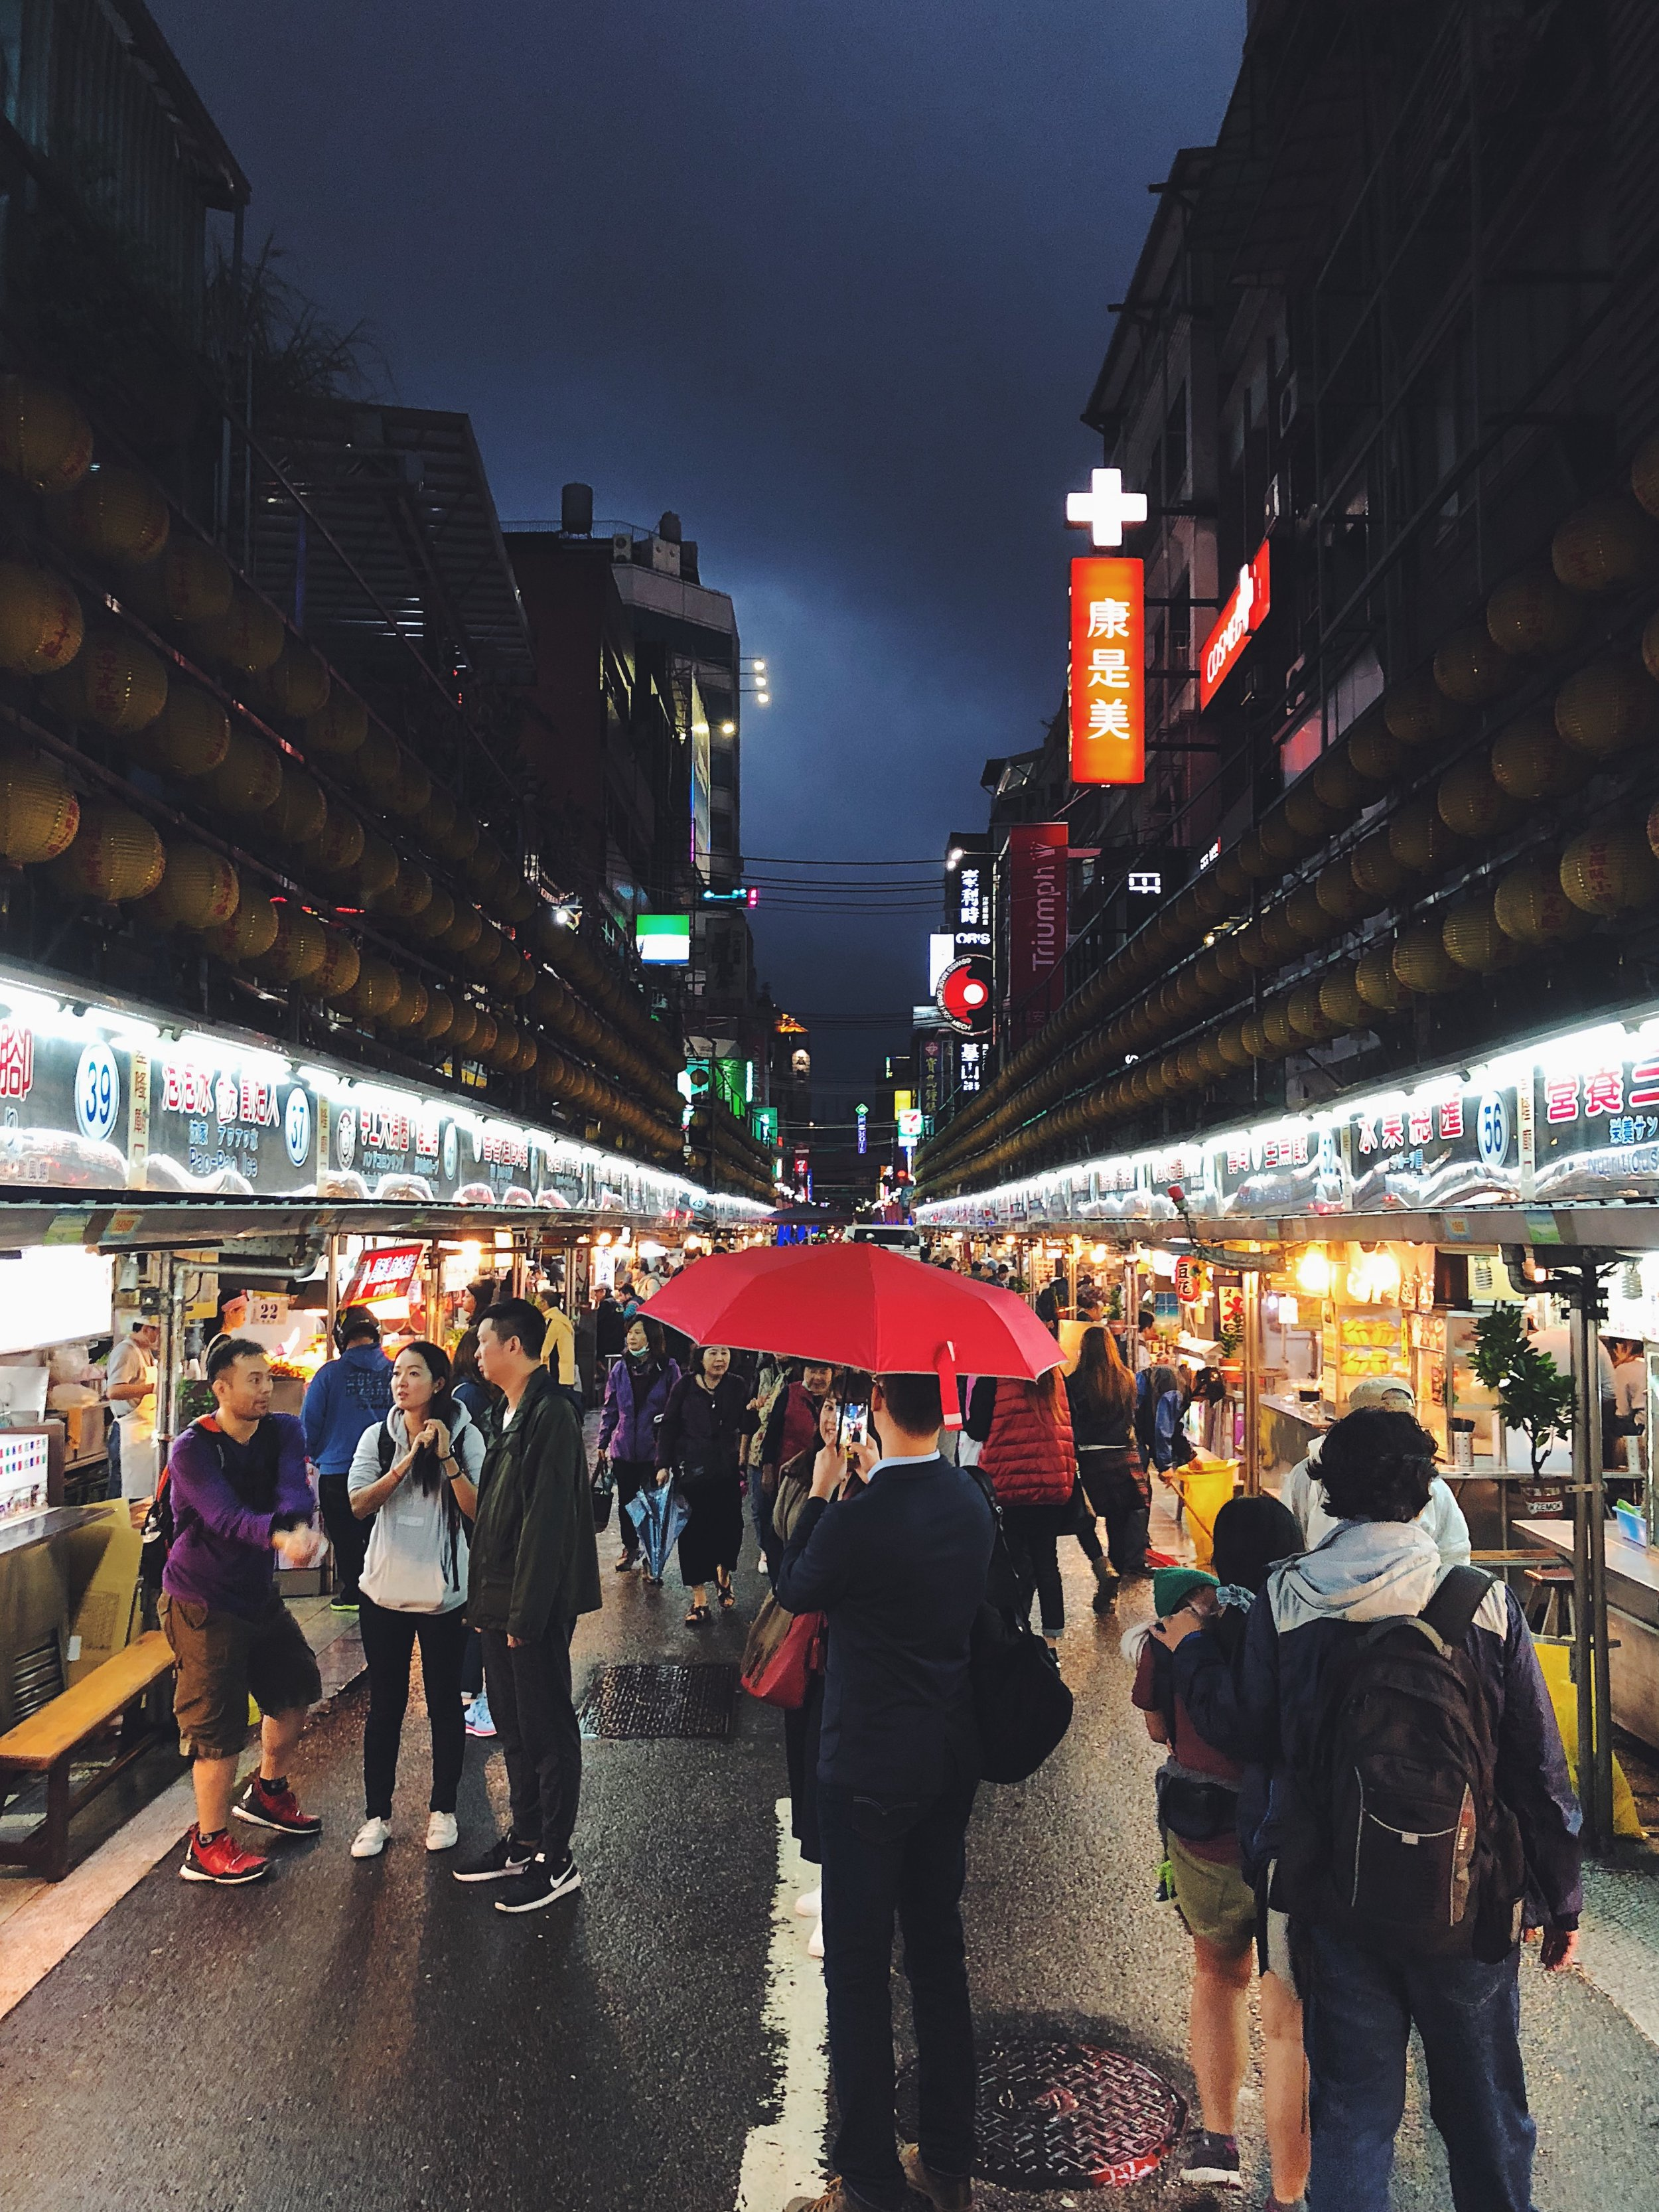 keelung-miaokou-night-market.jpeg